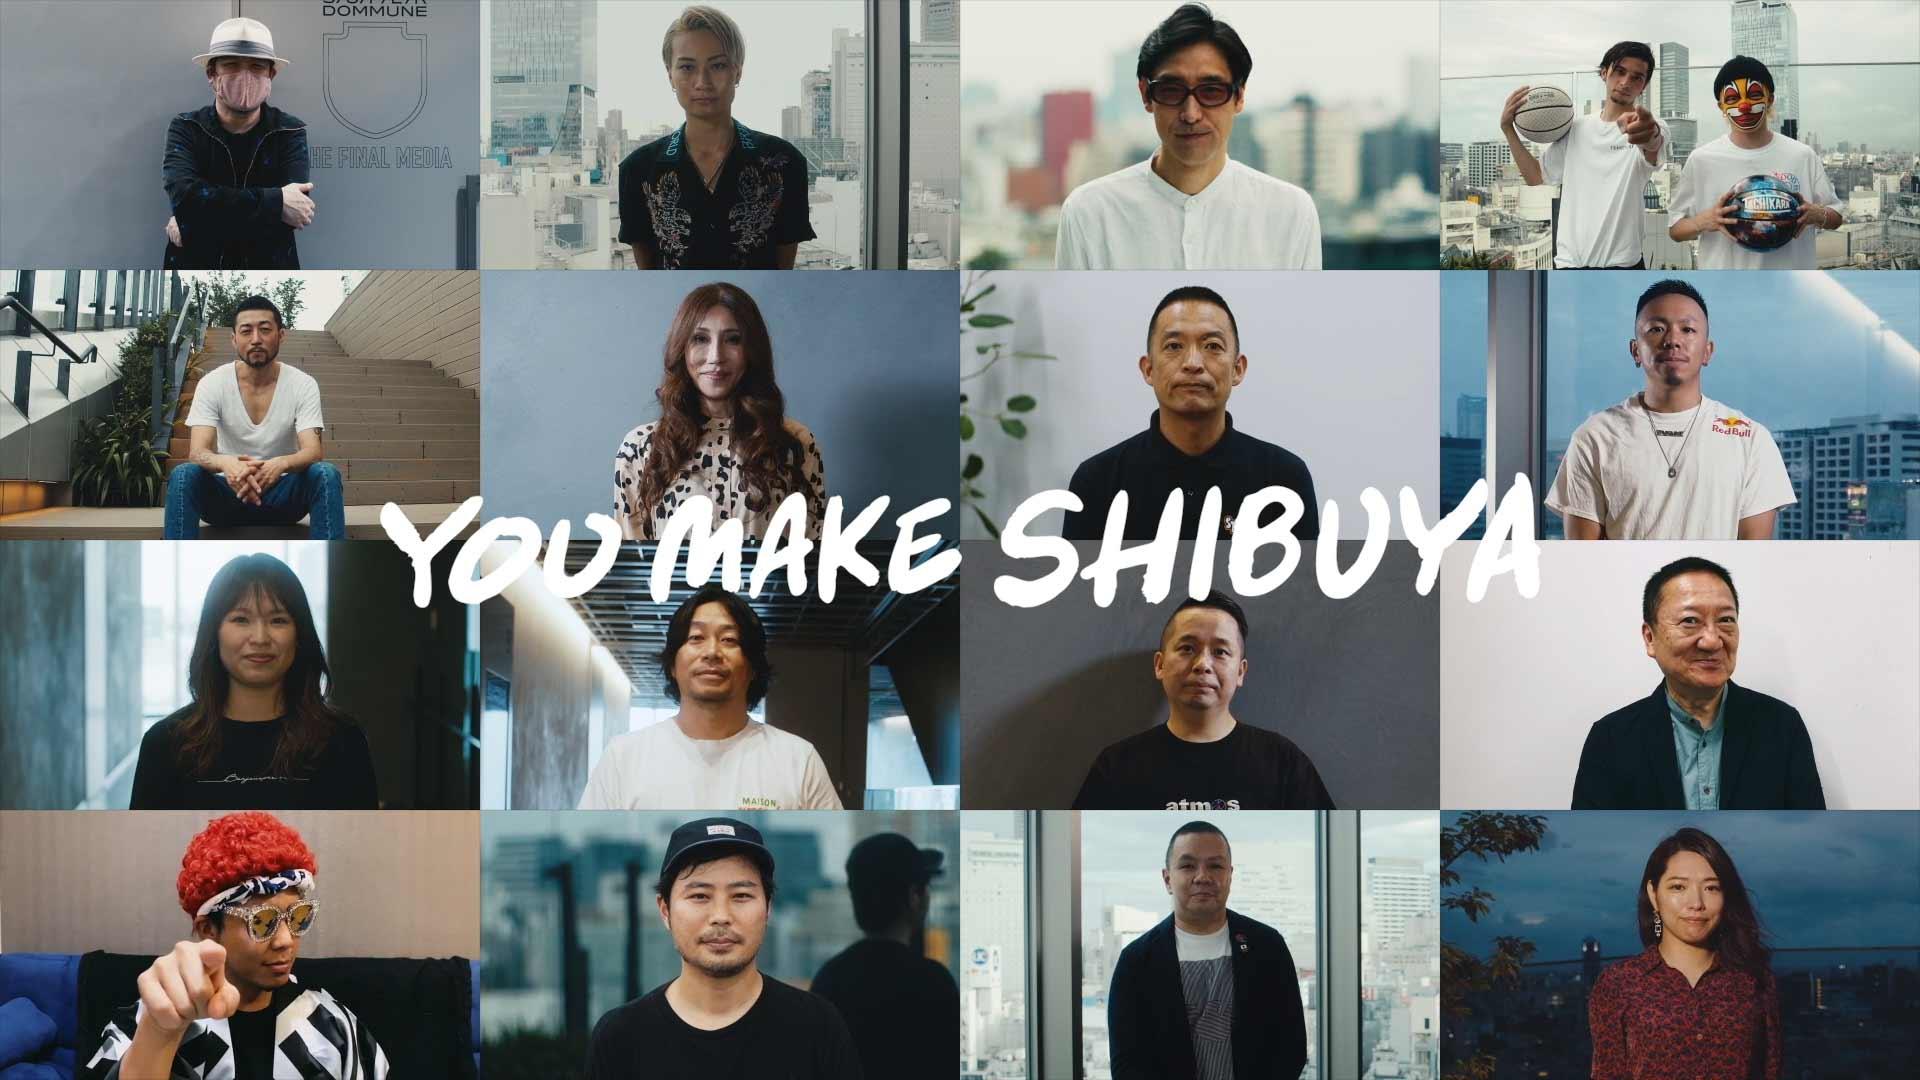 渋谷未来デザイン「#YouMakeSHIBUYA」